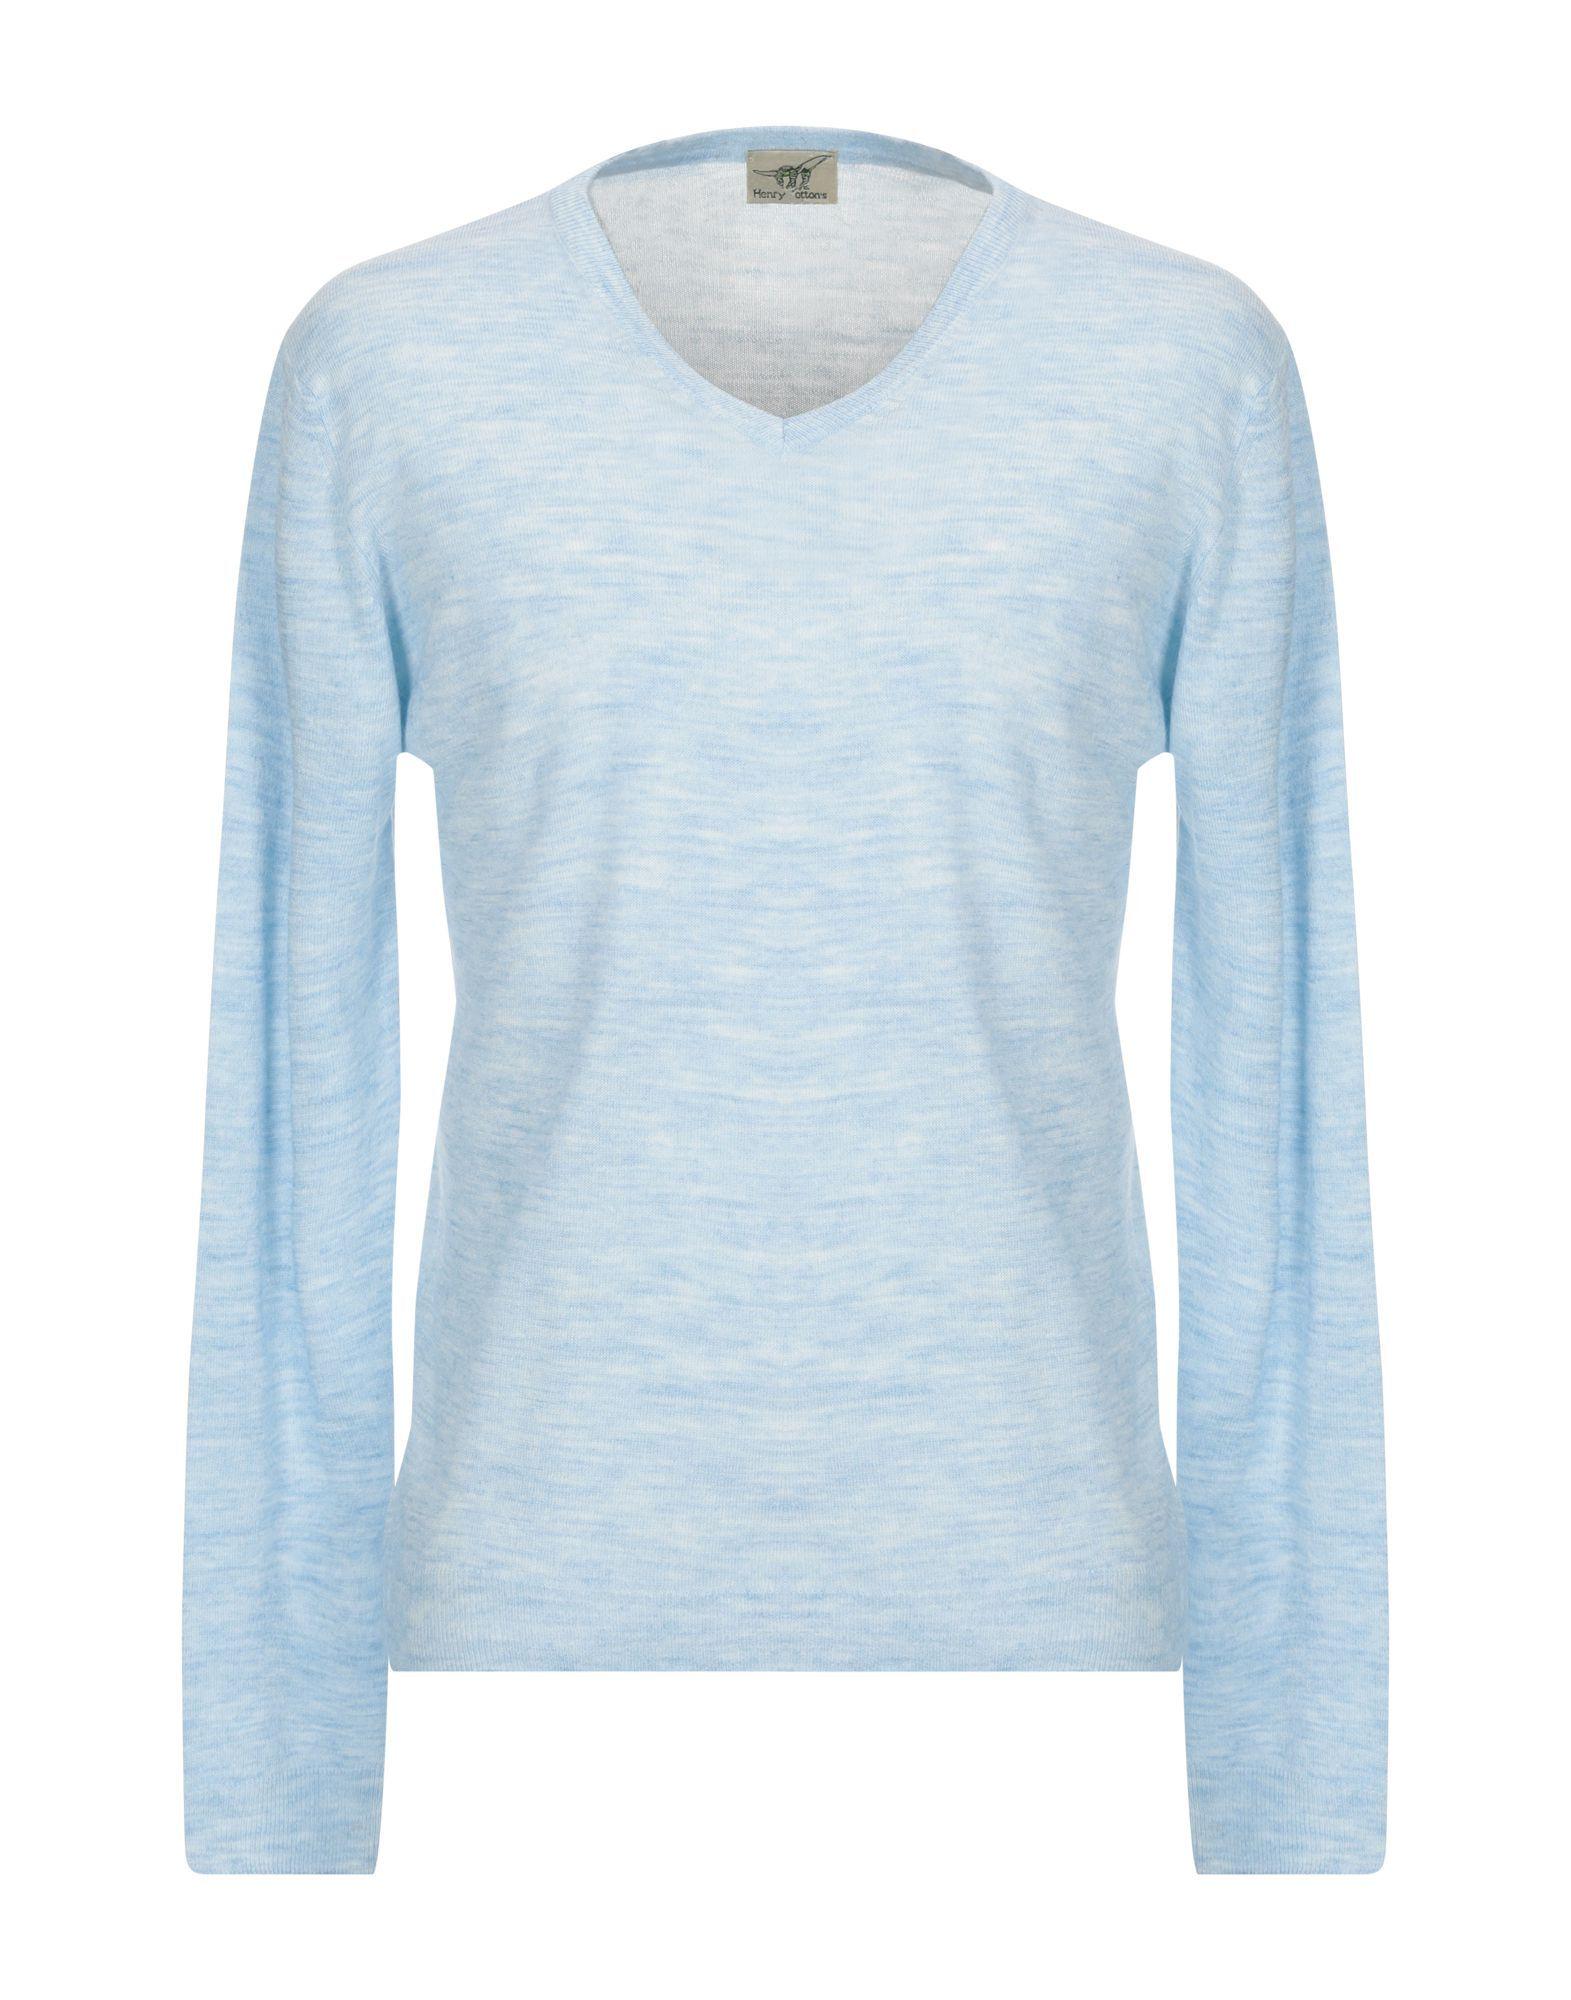 Henry Cotton's Sky Blue Merino Wool Knit Jumper